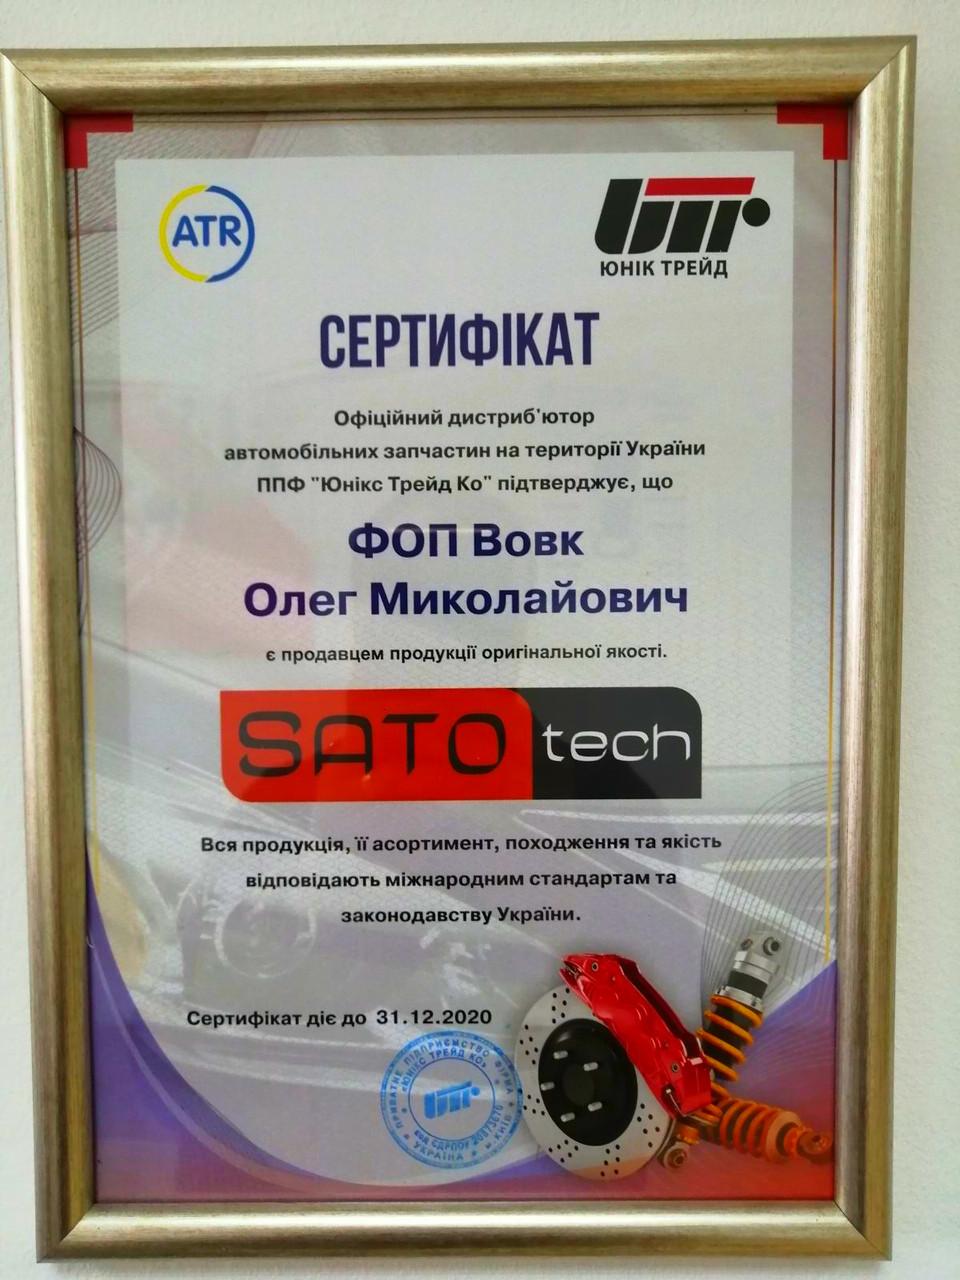 SATO Амортизатор Premium MB C-class (W202) 93-